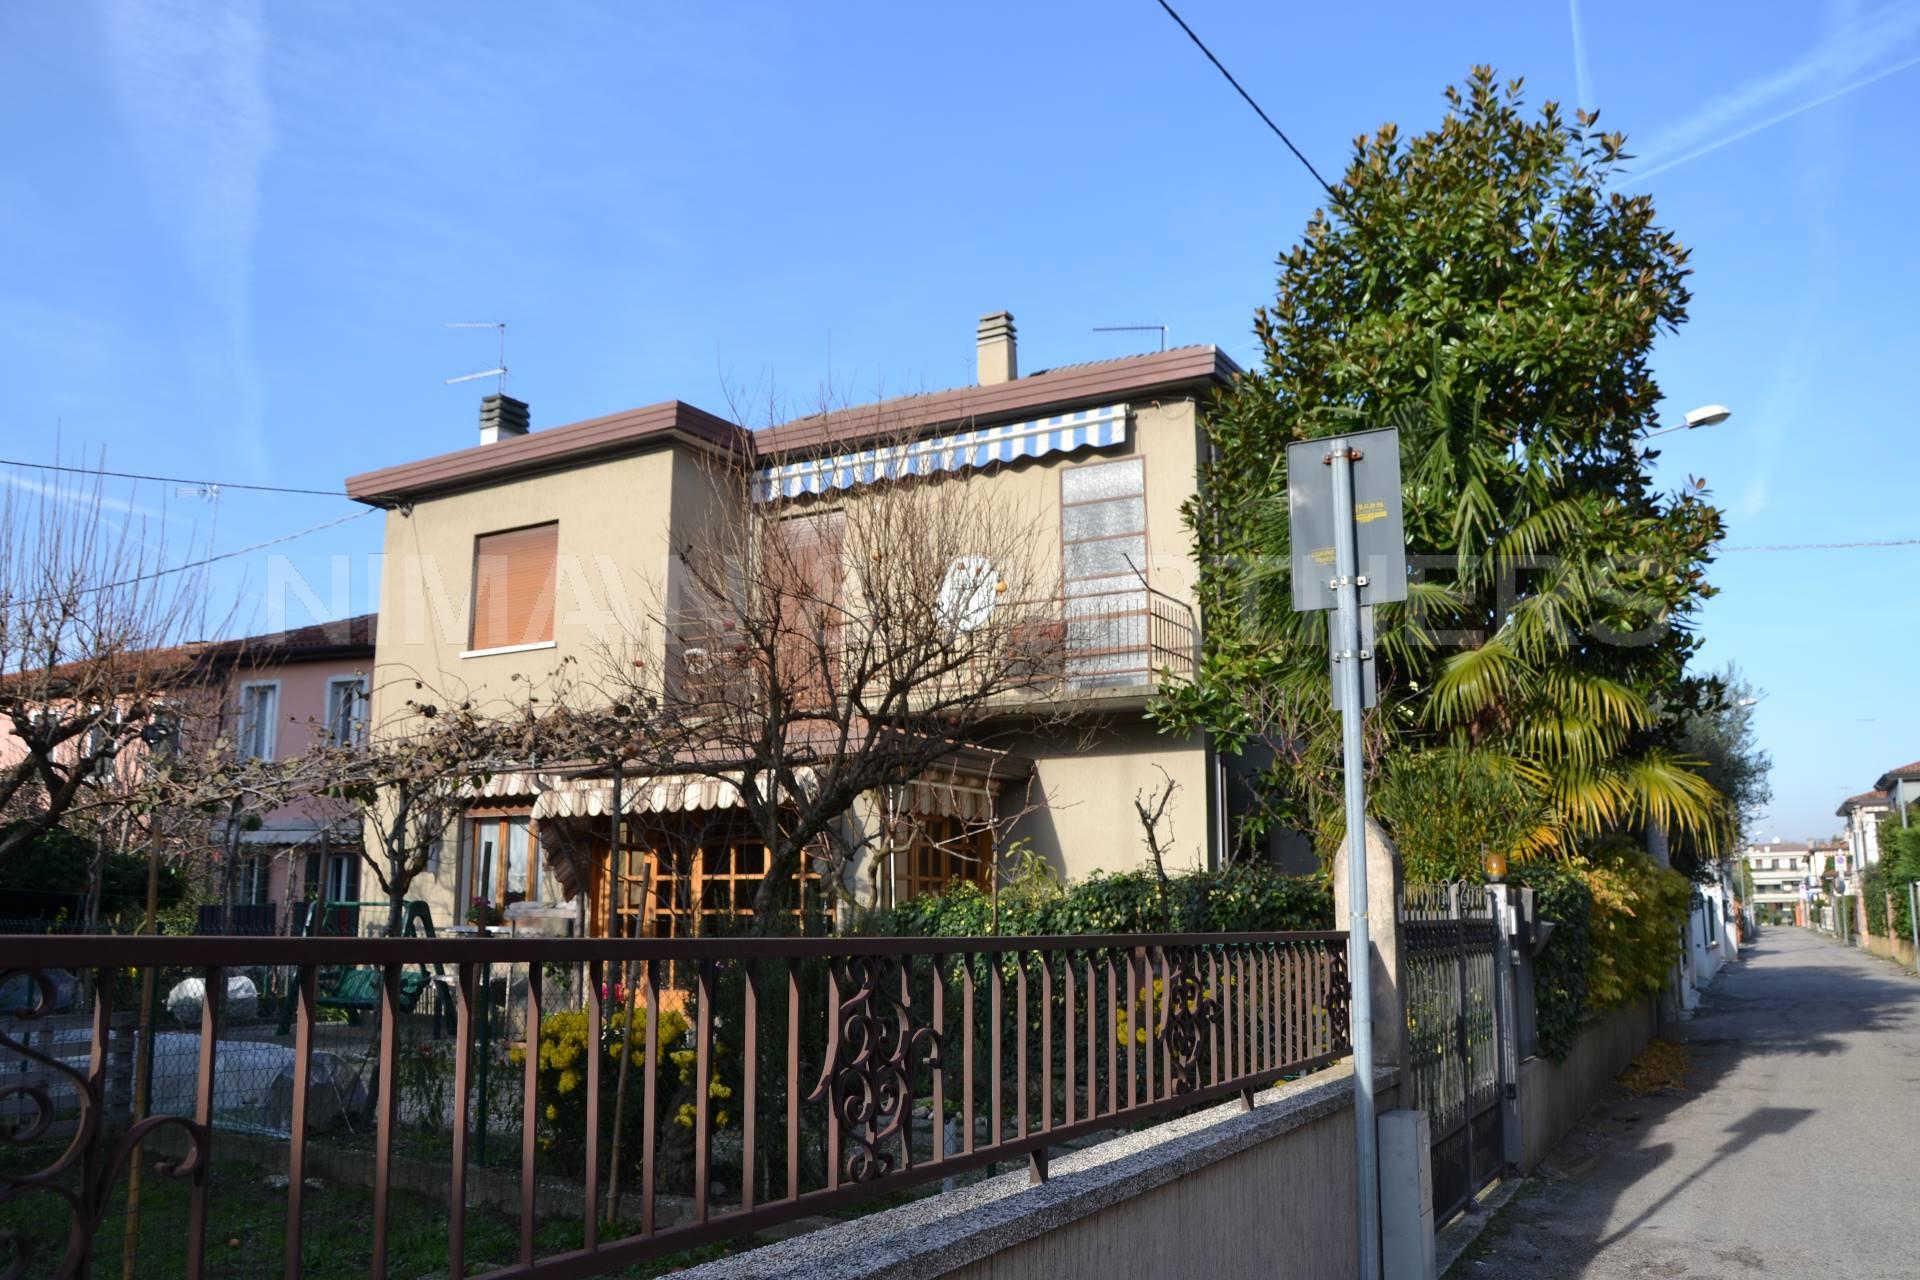 Appartamento in vendita a Venezia, 2 locali, zona Località: FavaroVeneto, prezzo € 149.000 | Cambio Casa.it